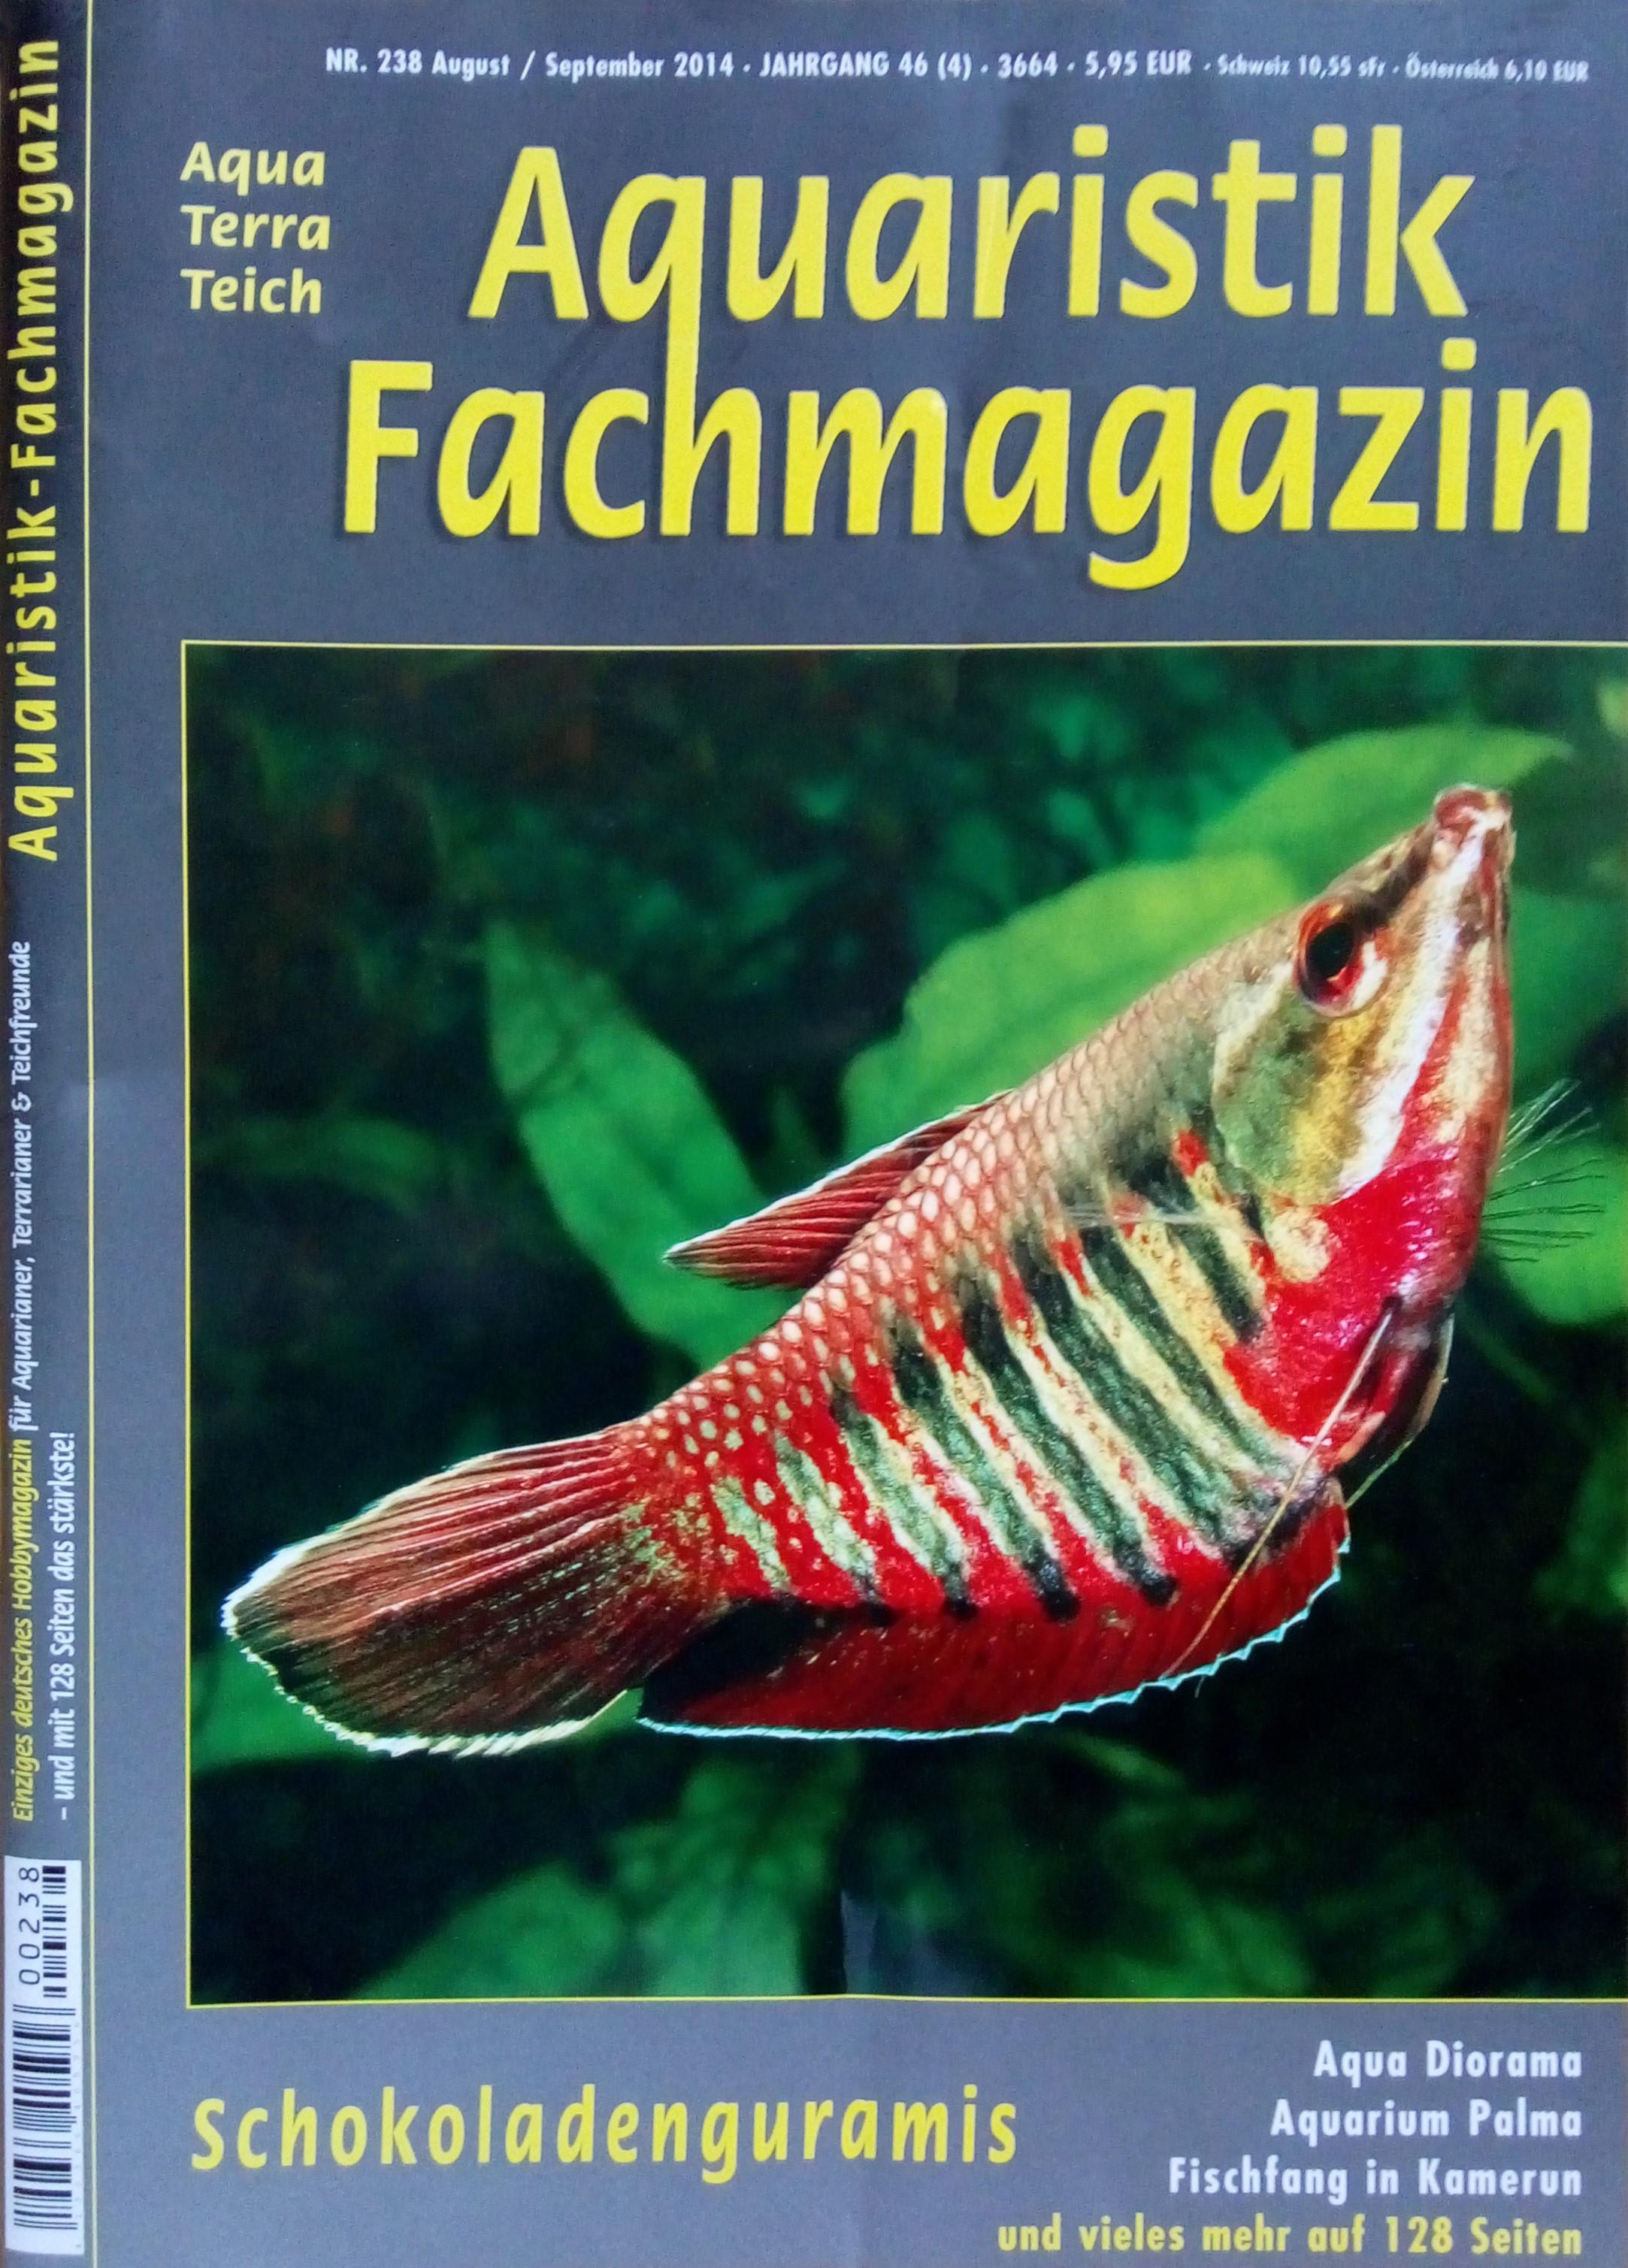 Aquaristik-Fachmagazin, Ausgabe 238 (Aug./Sept. 2014)